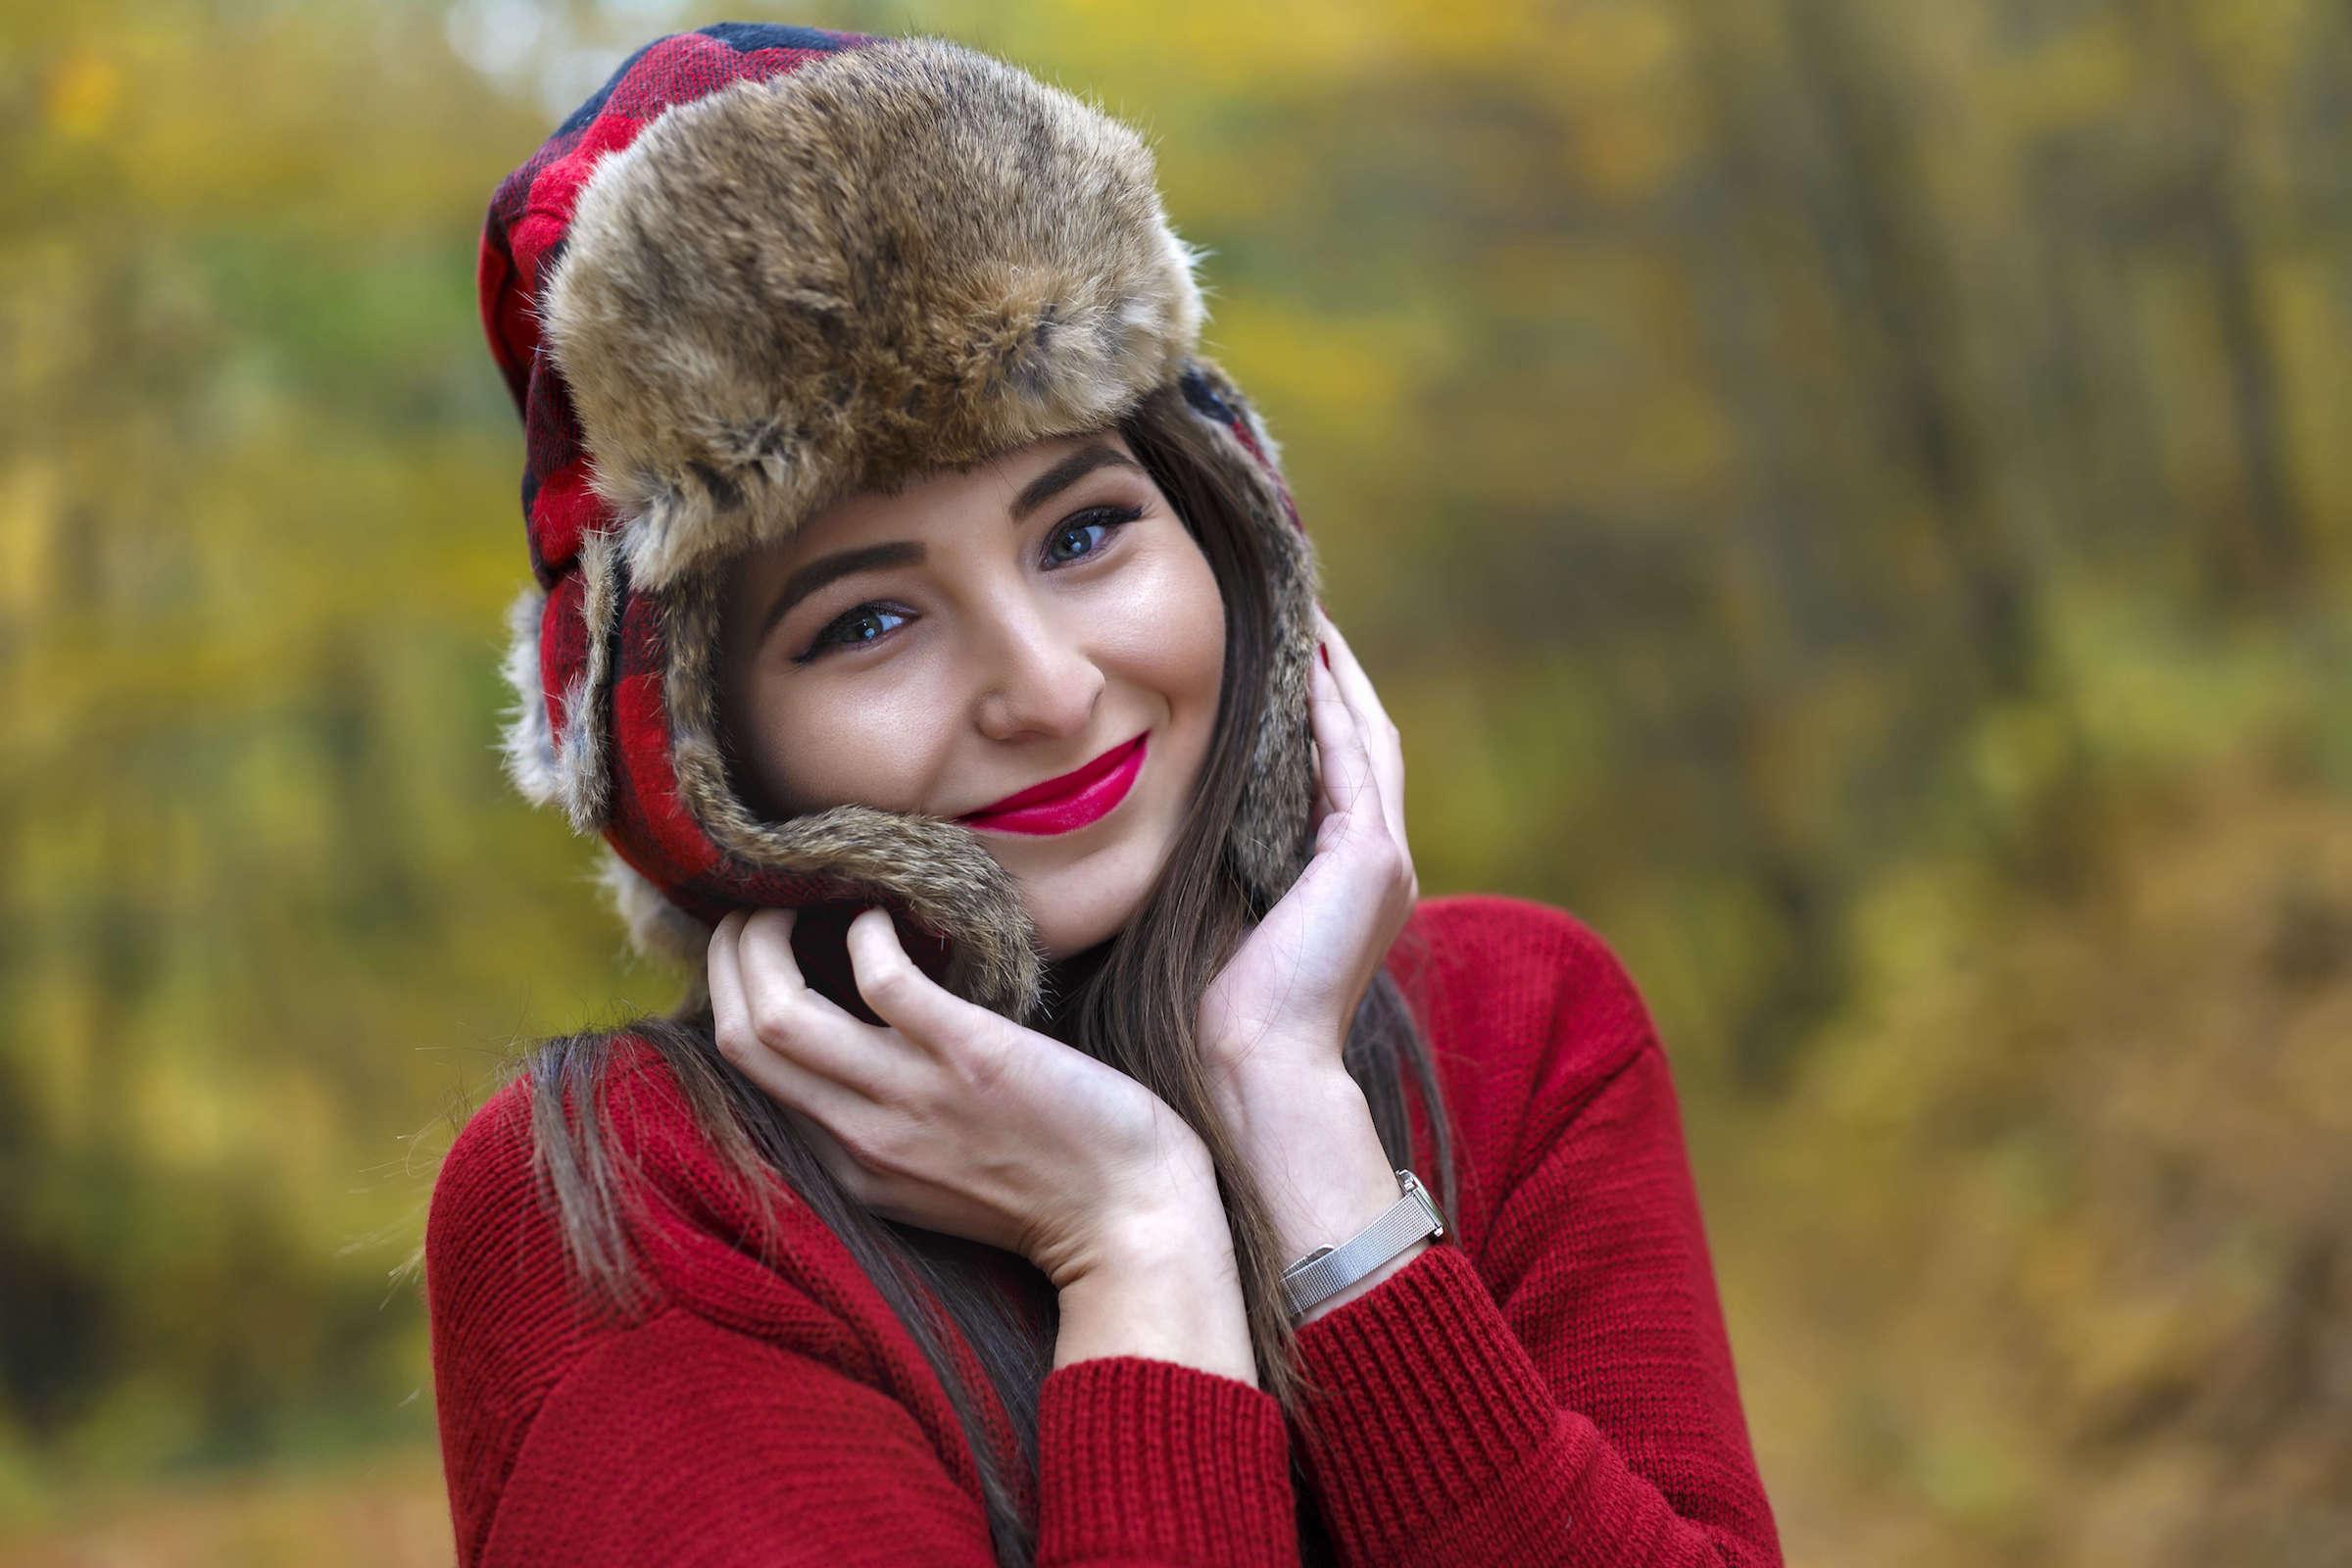 Russische sehr teenager mädchen verbreiten jung